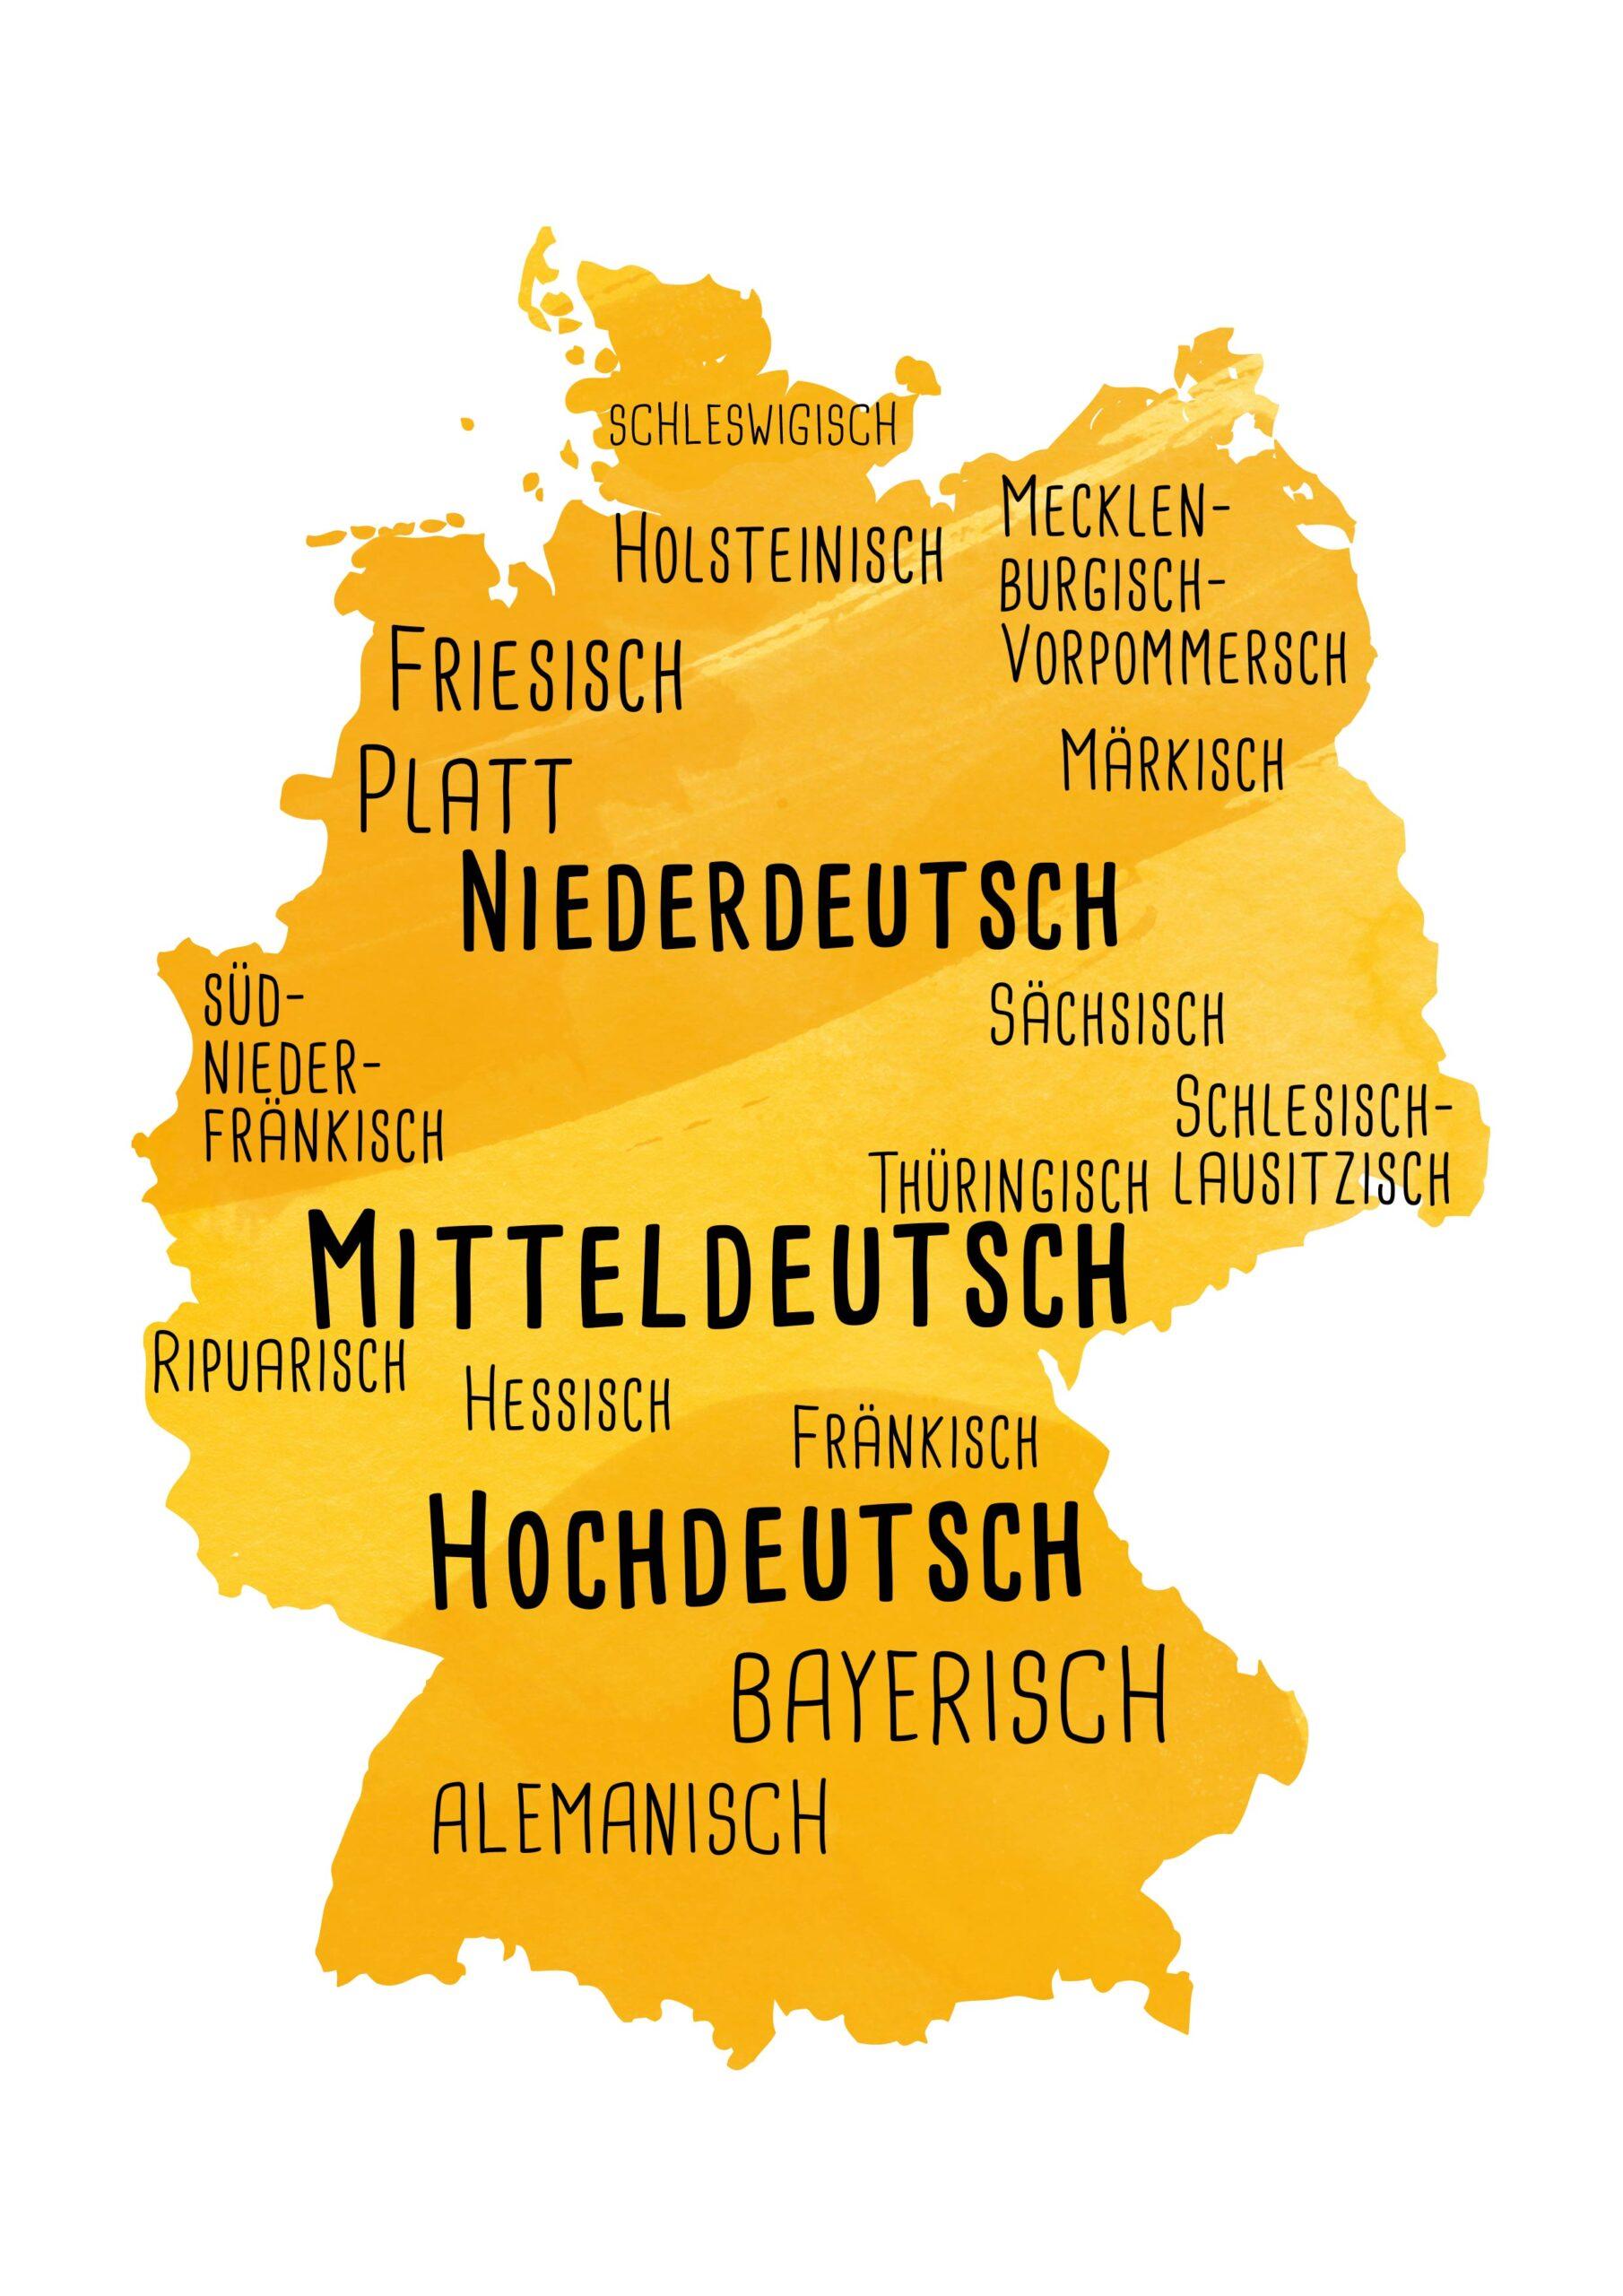 Deutschlandkarte mit Dialekten eingezeichnet